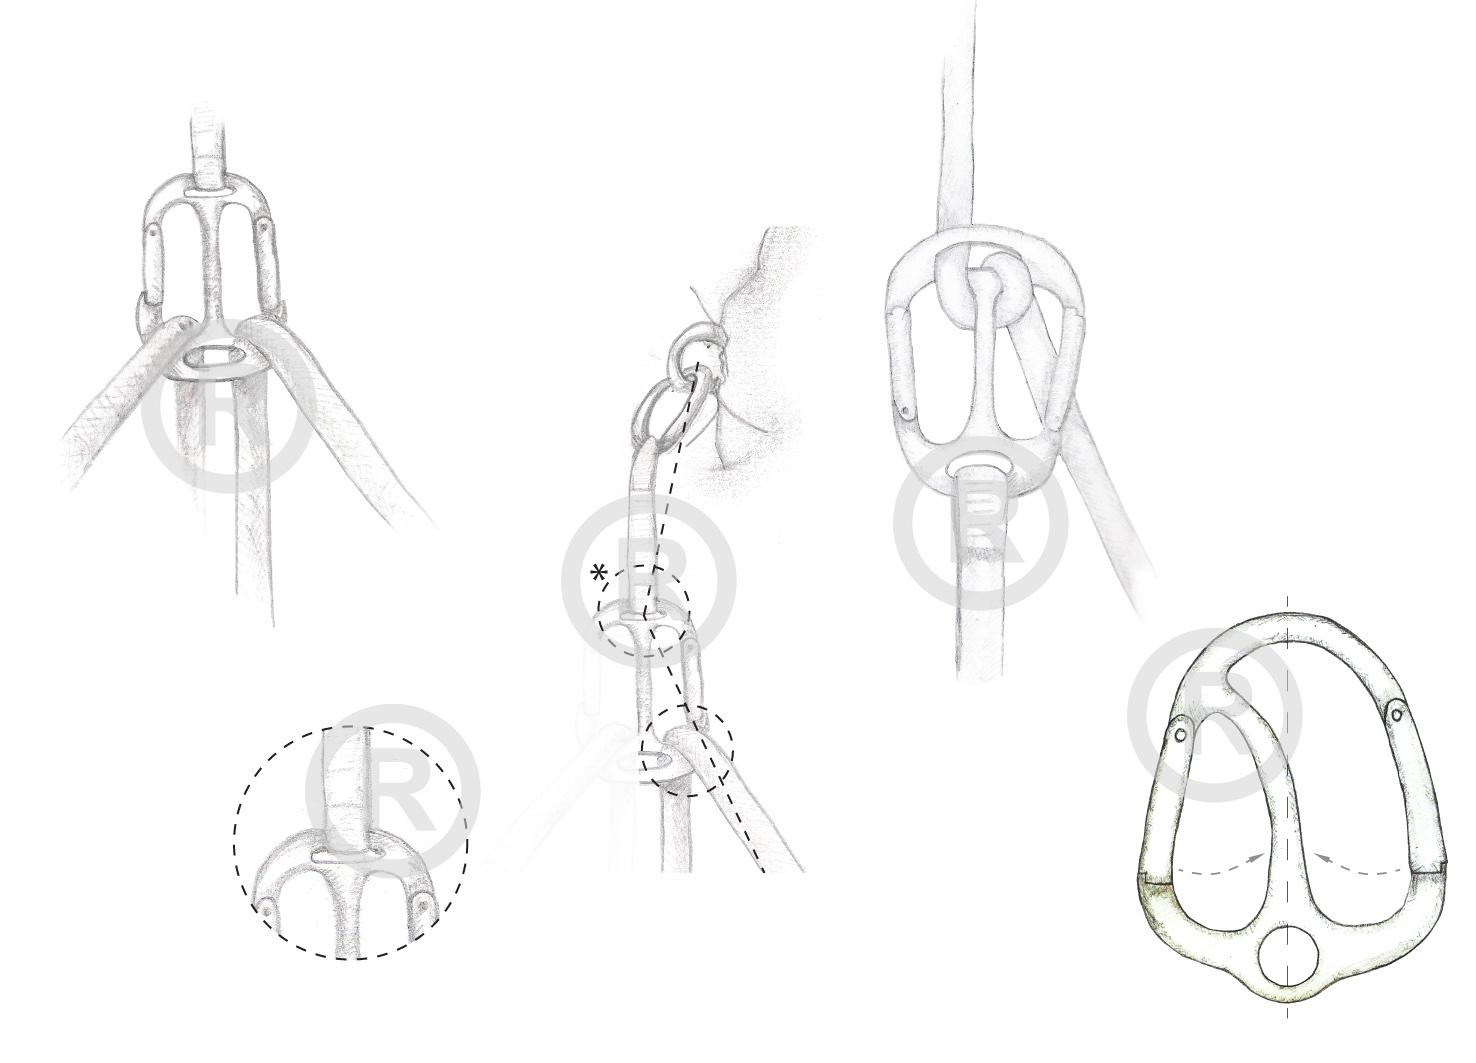 Schizzi - Una volta analizzati i vari dispositivi, sono andato ad ipotizzare una forma che mi permettesse di unificare in un unico elemento più dispositivi, in modo da ridurre l'equipaggiamento che lo scalatore è costretto a portarsi dietro e che svolgesse diversi compiti.